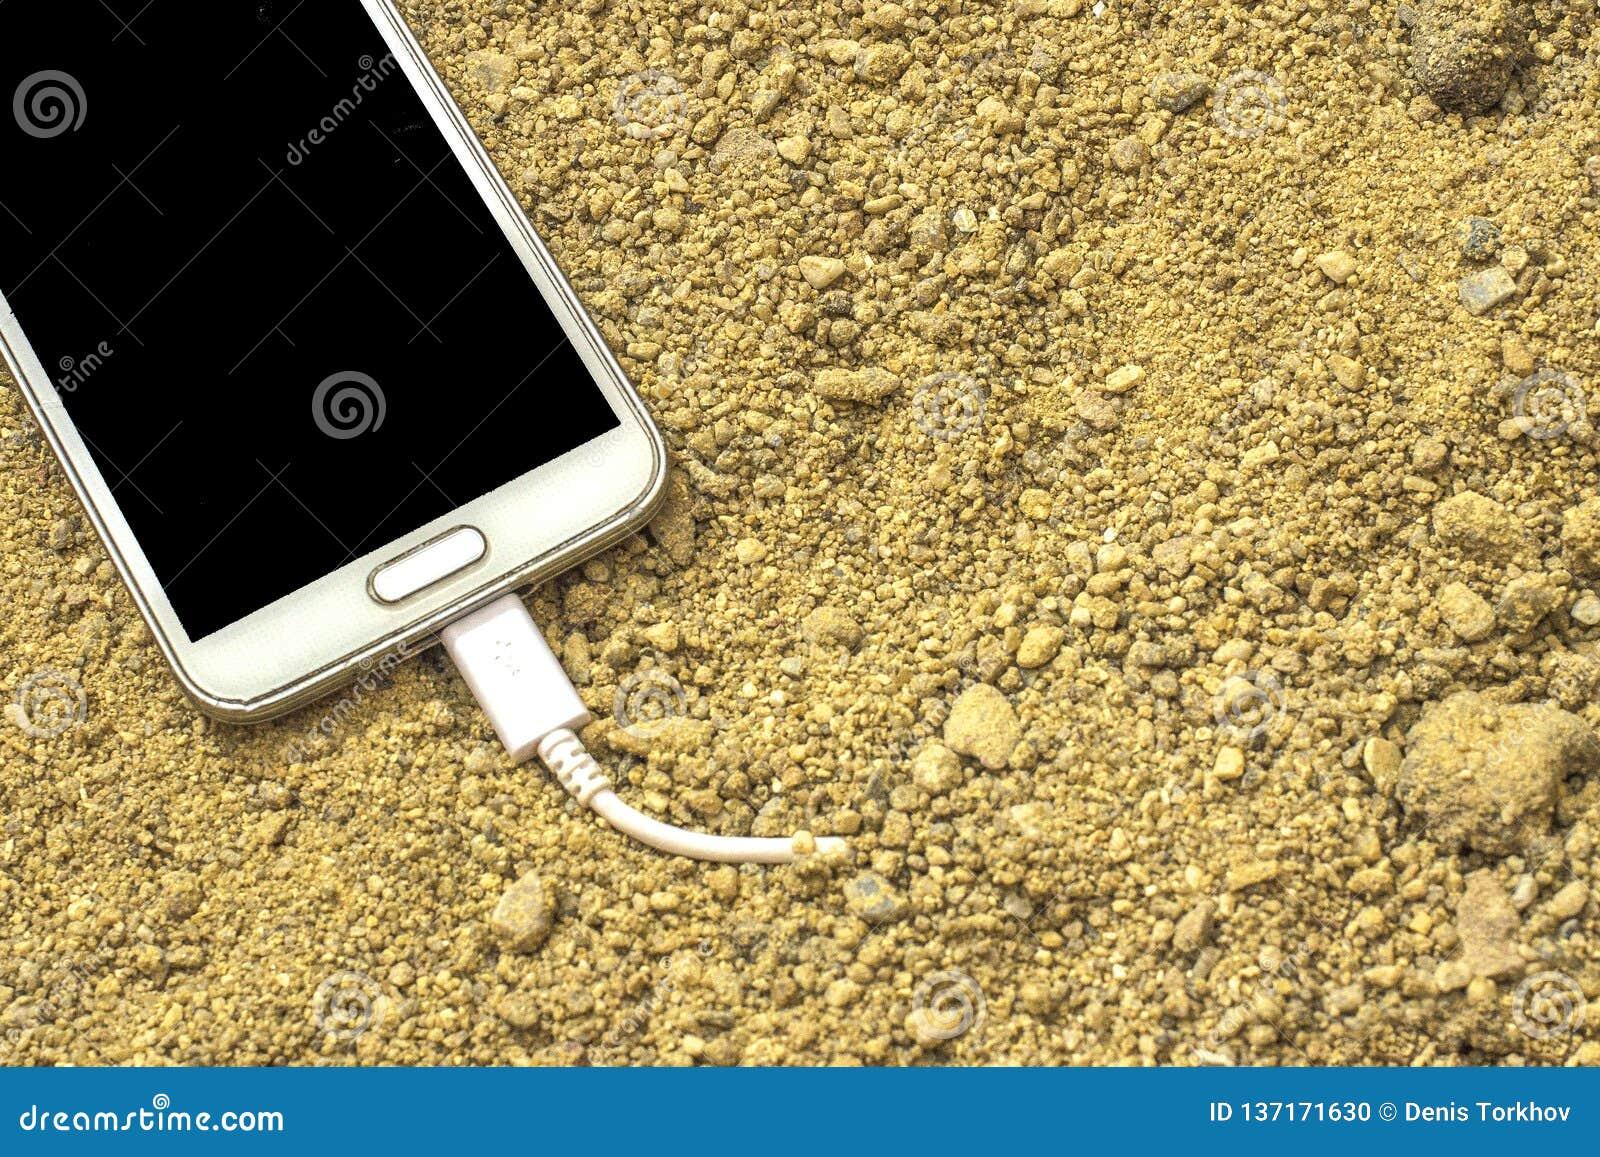 Άσπρο smartphone με έναν φορτιστή που συνδέεται με την άμμο μπροστινό και πίσω υπόβαθρο που θολώνεται